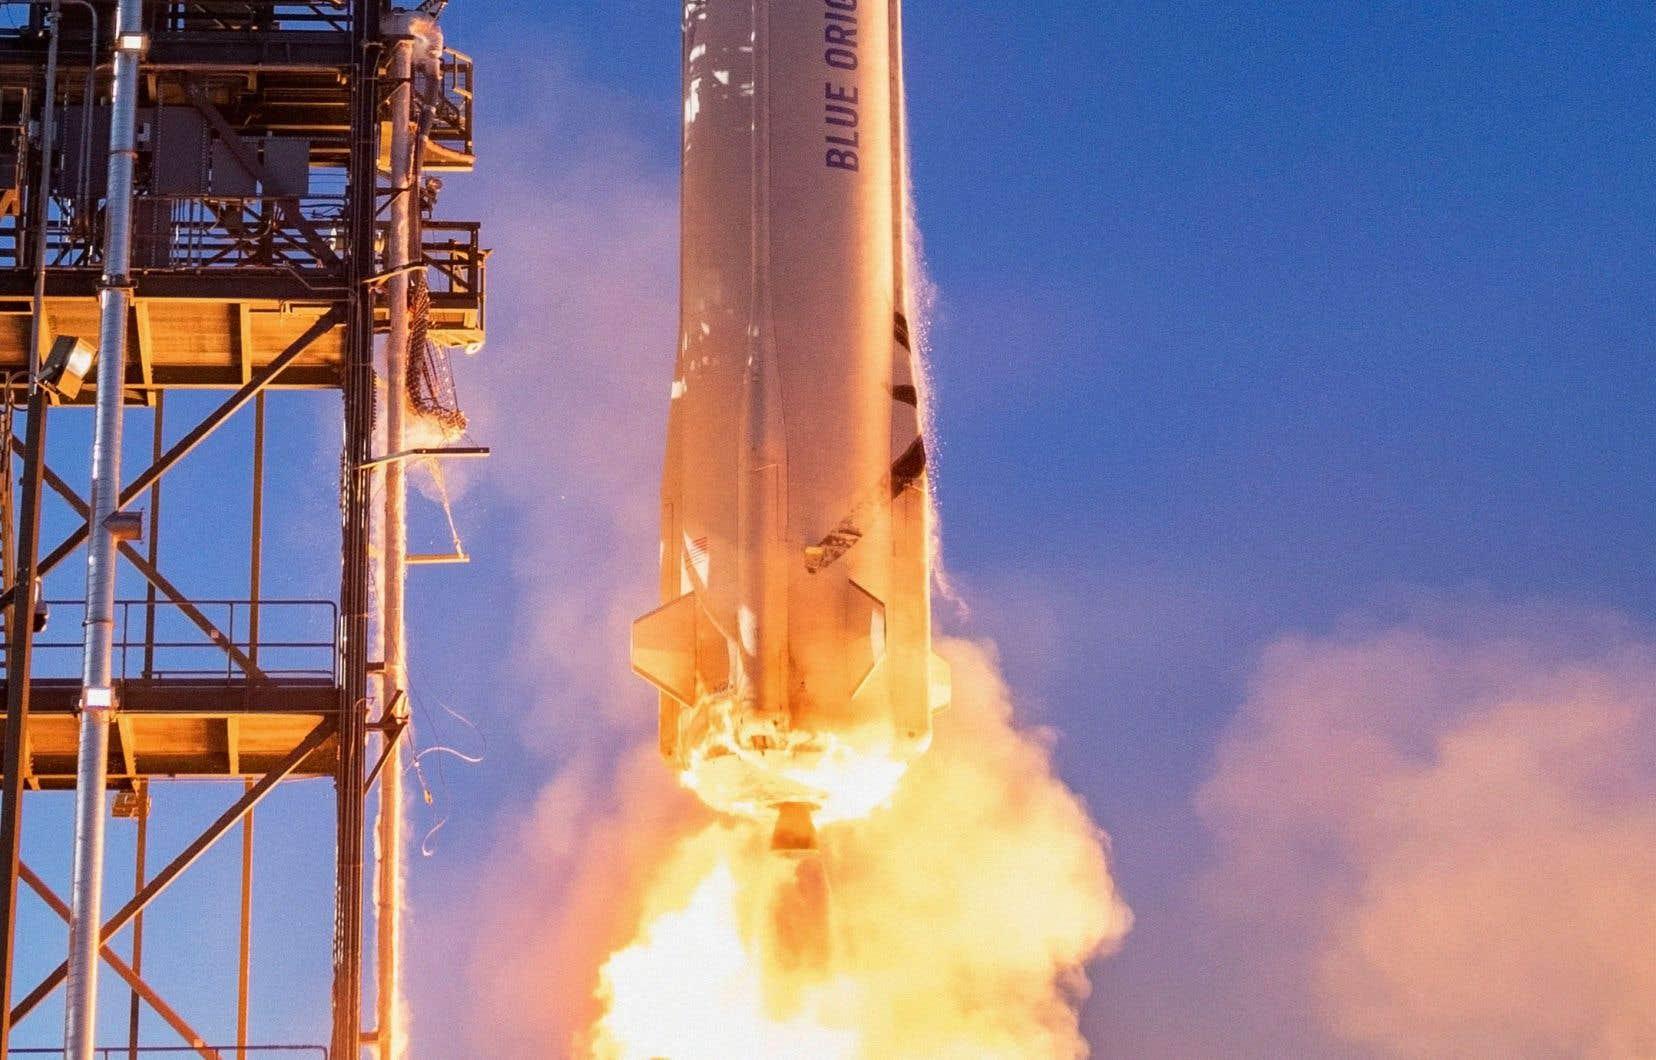 Gros plan de la fusée New Shepard fabriquée par la société spatiale Blue Origin, lors de son lancement dans l'ouest du Texas.